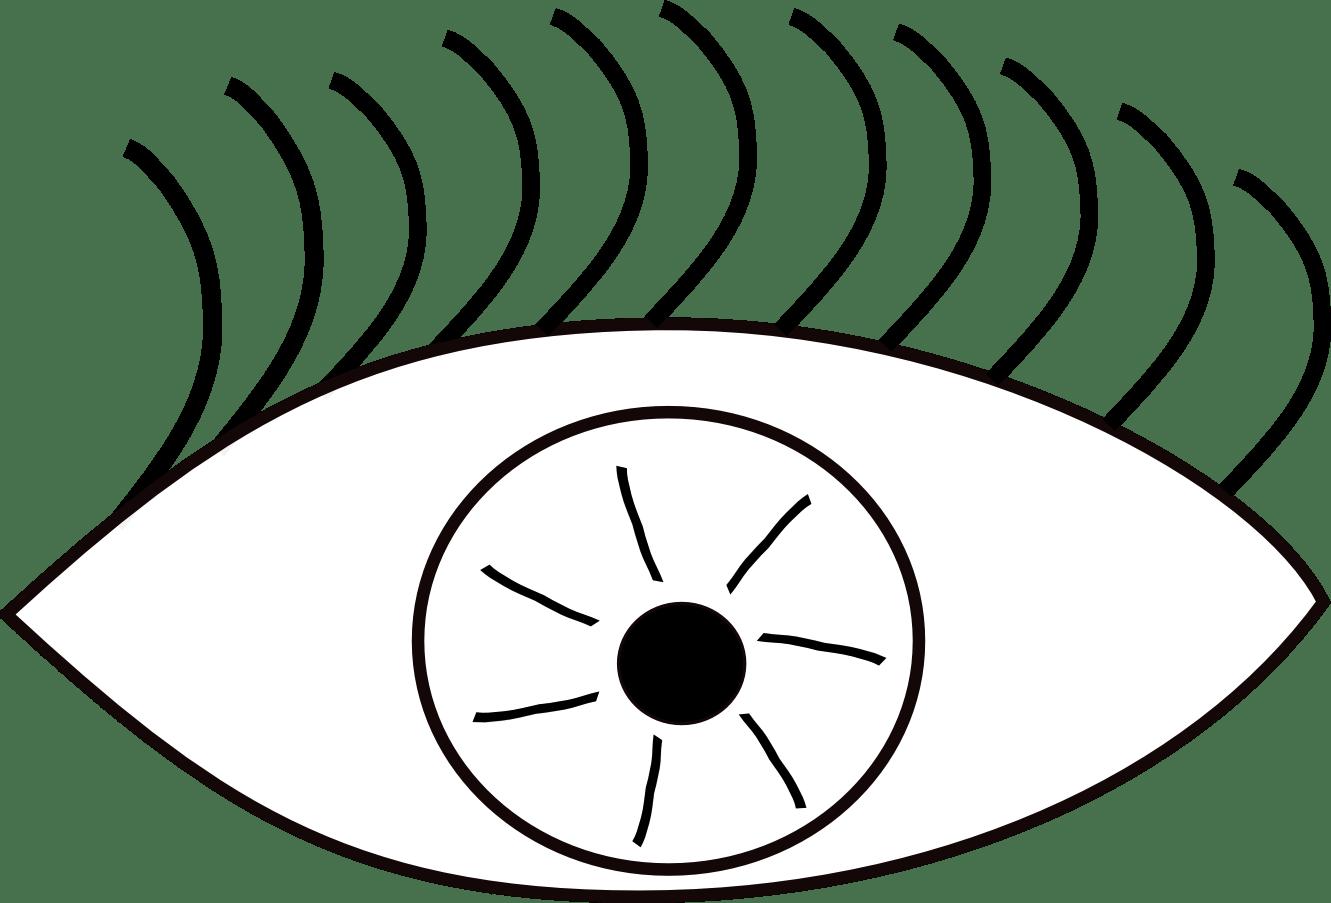 Eyeball Eye Clip Art Black And White Image